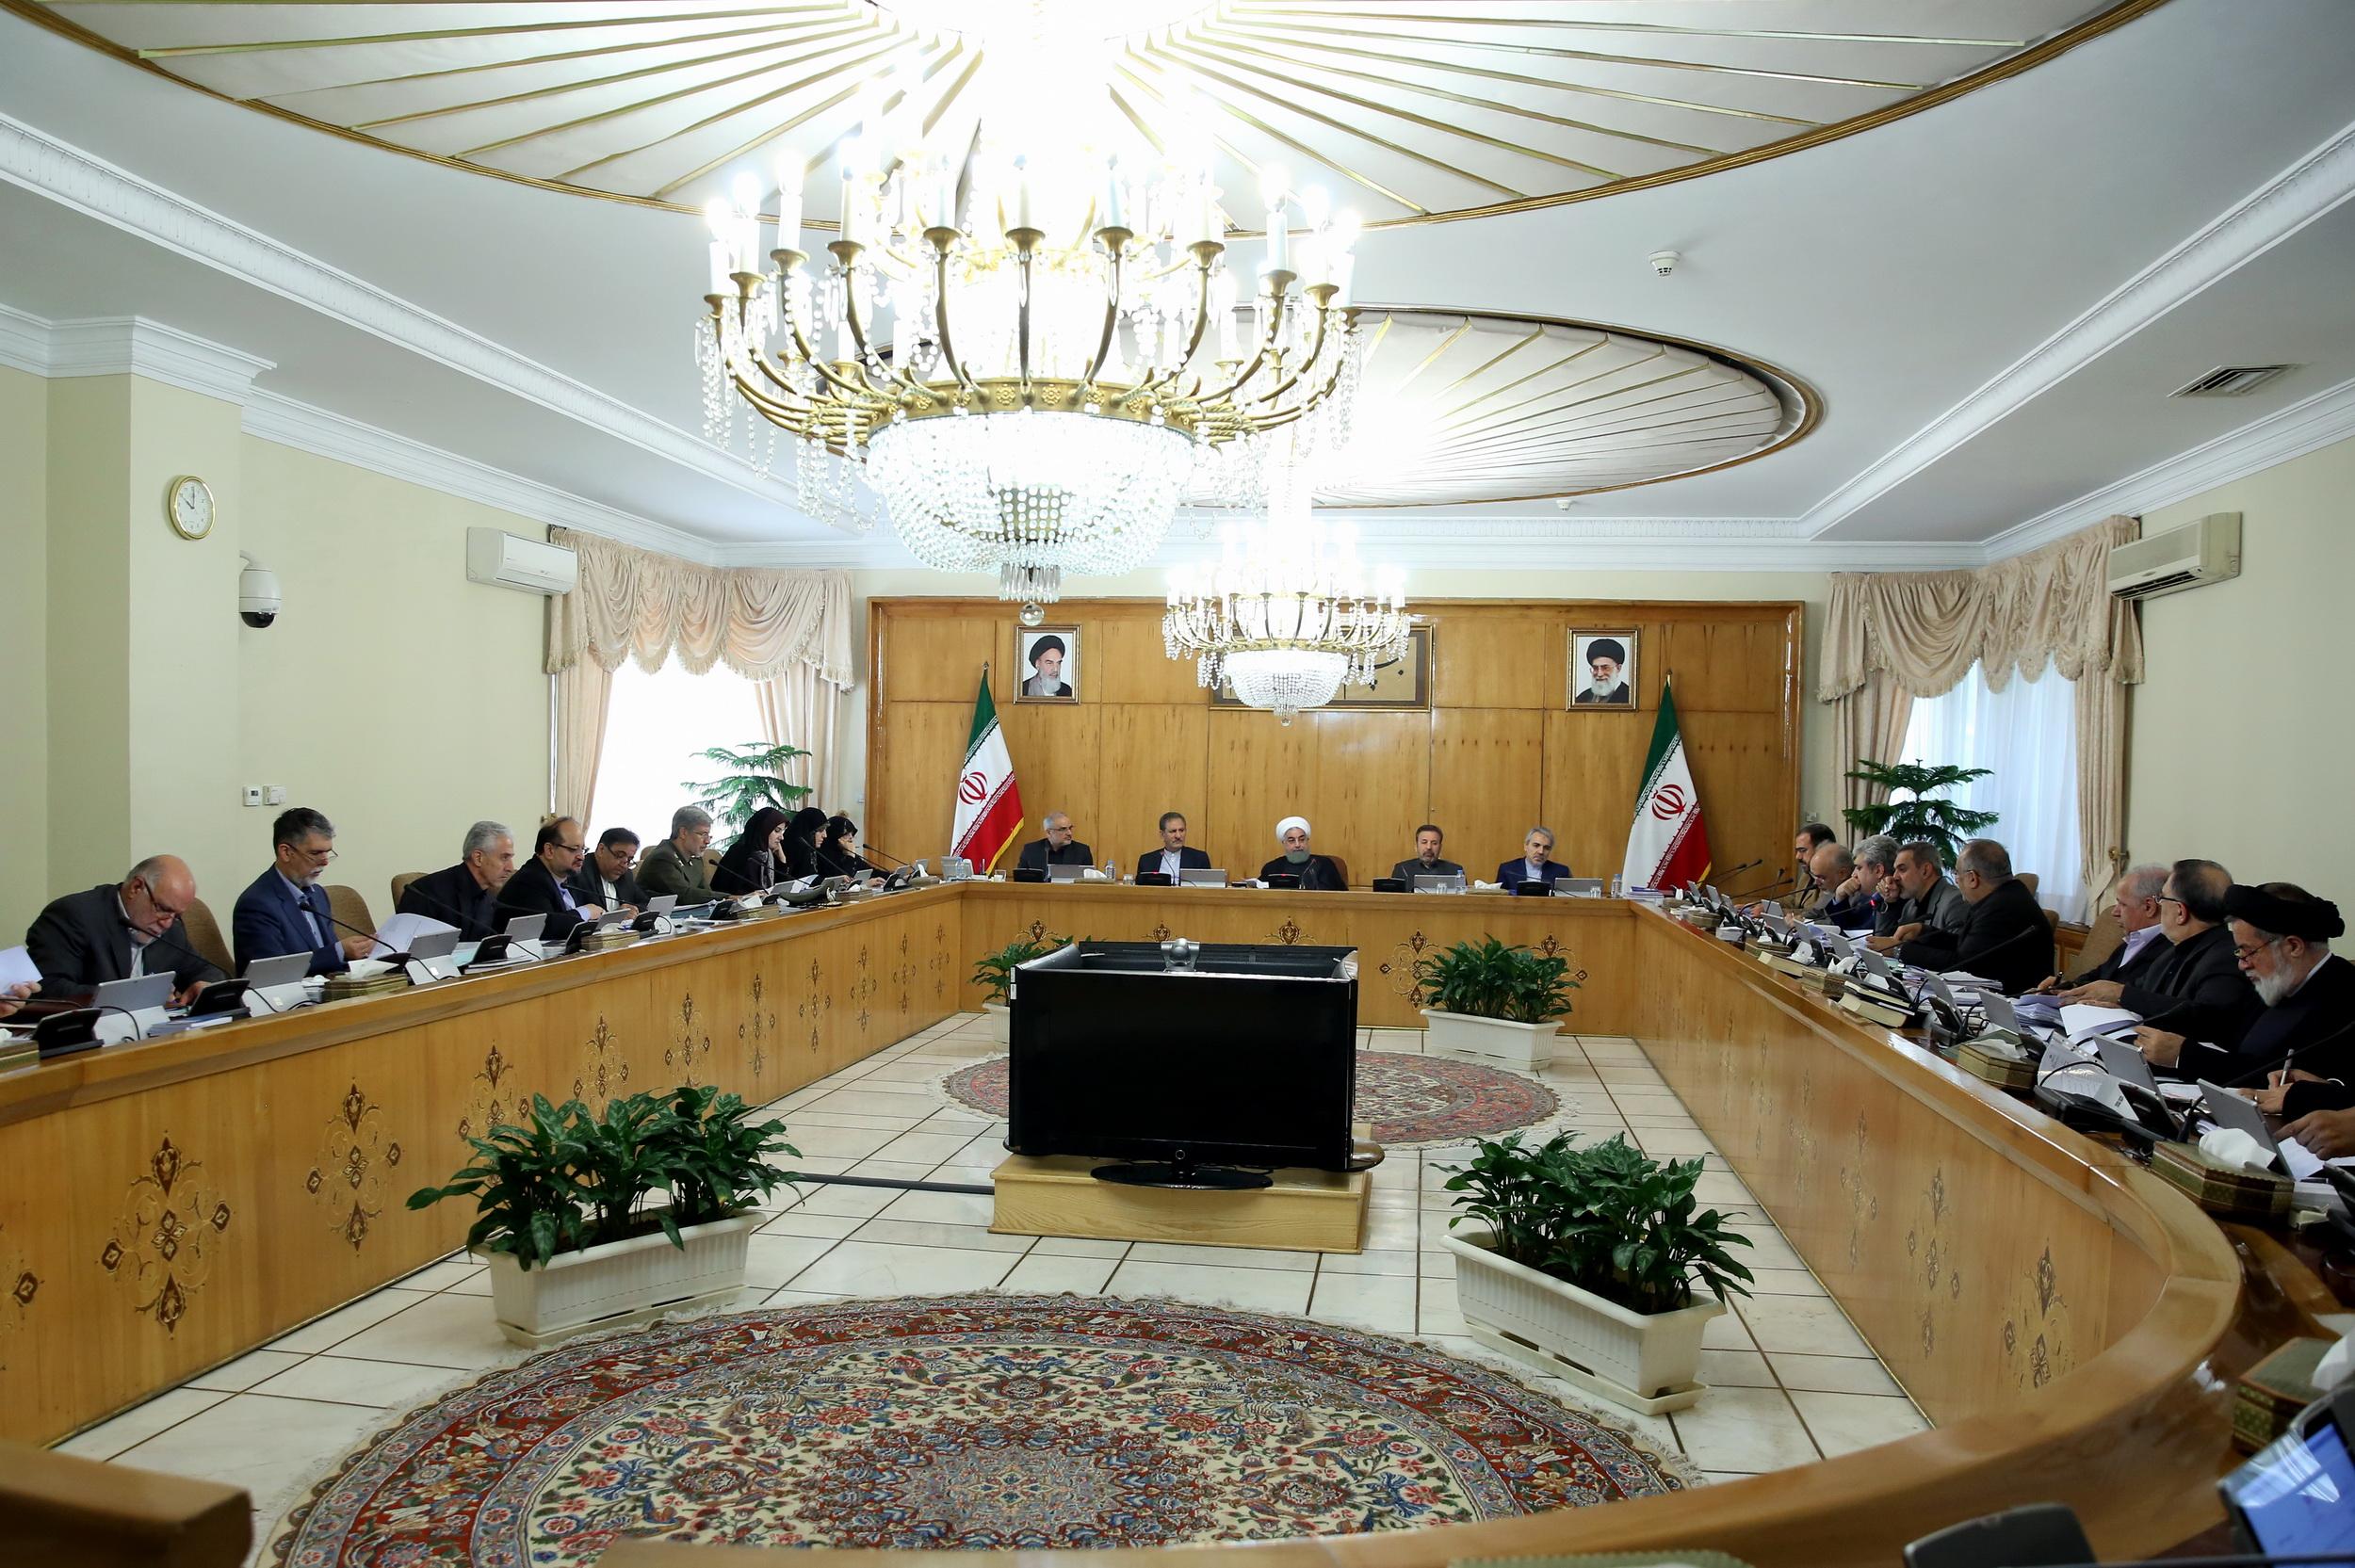 استانداران «همدان، کرمان، زنجان و سیستان و بلوچستان» انتخاب شدند